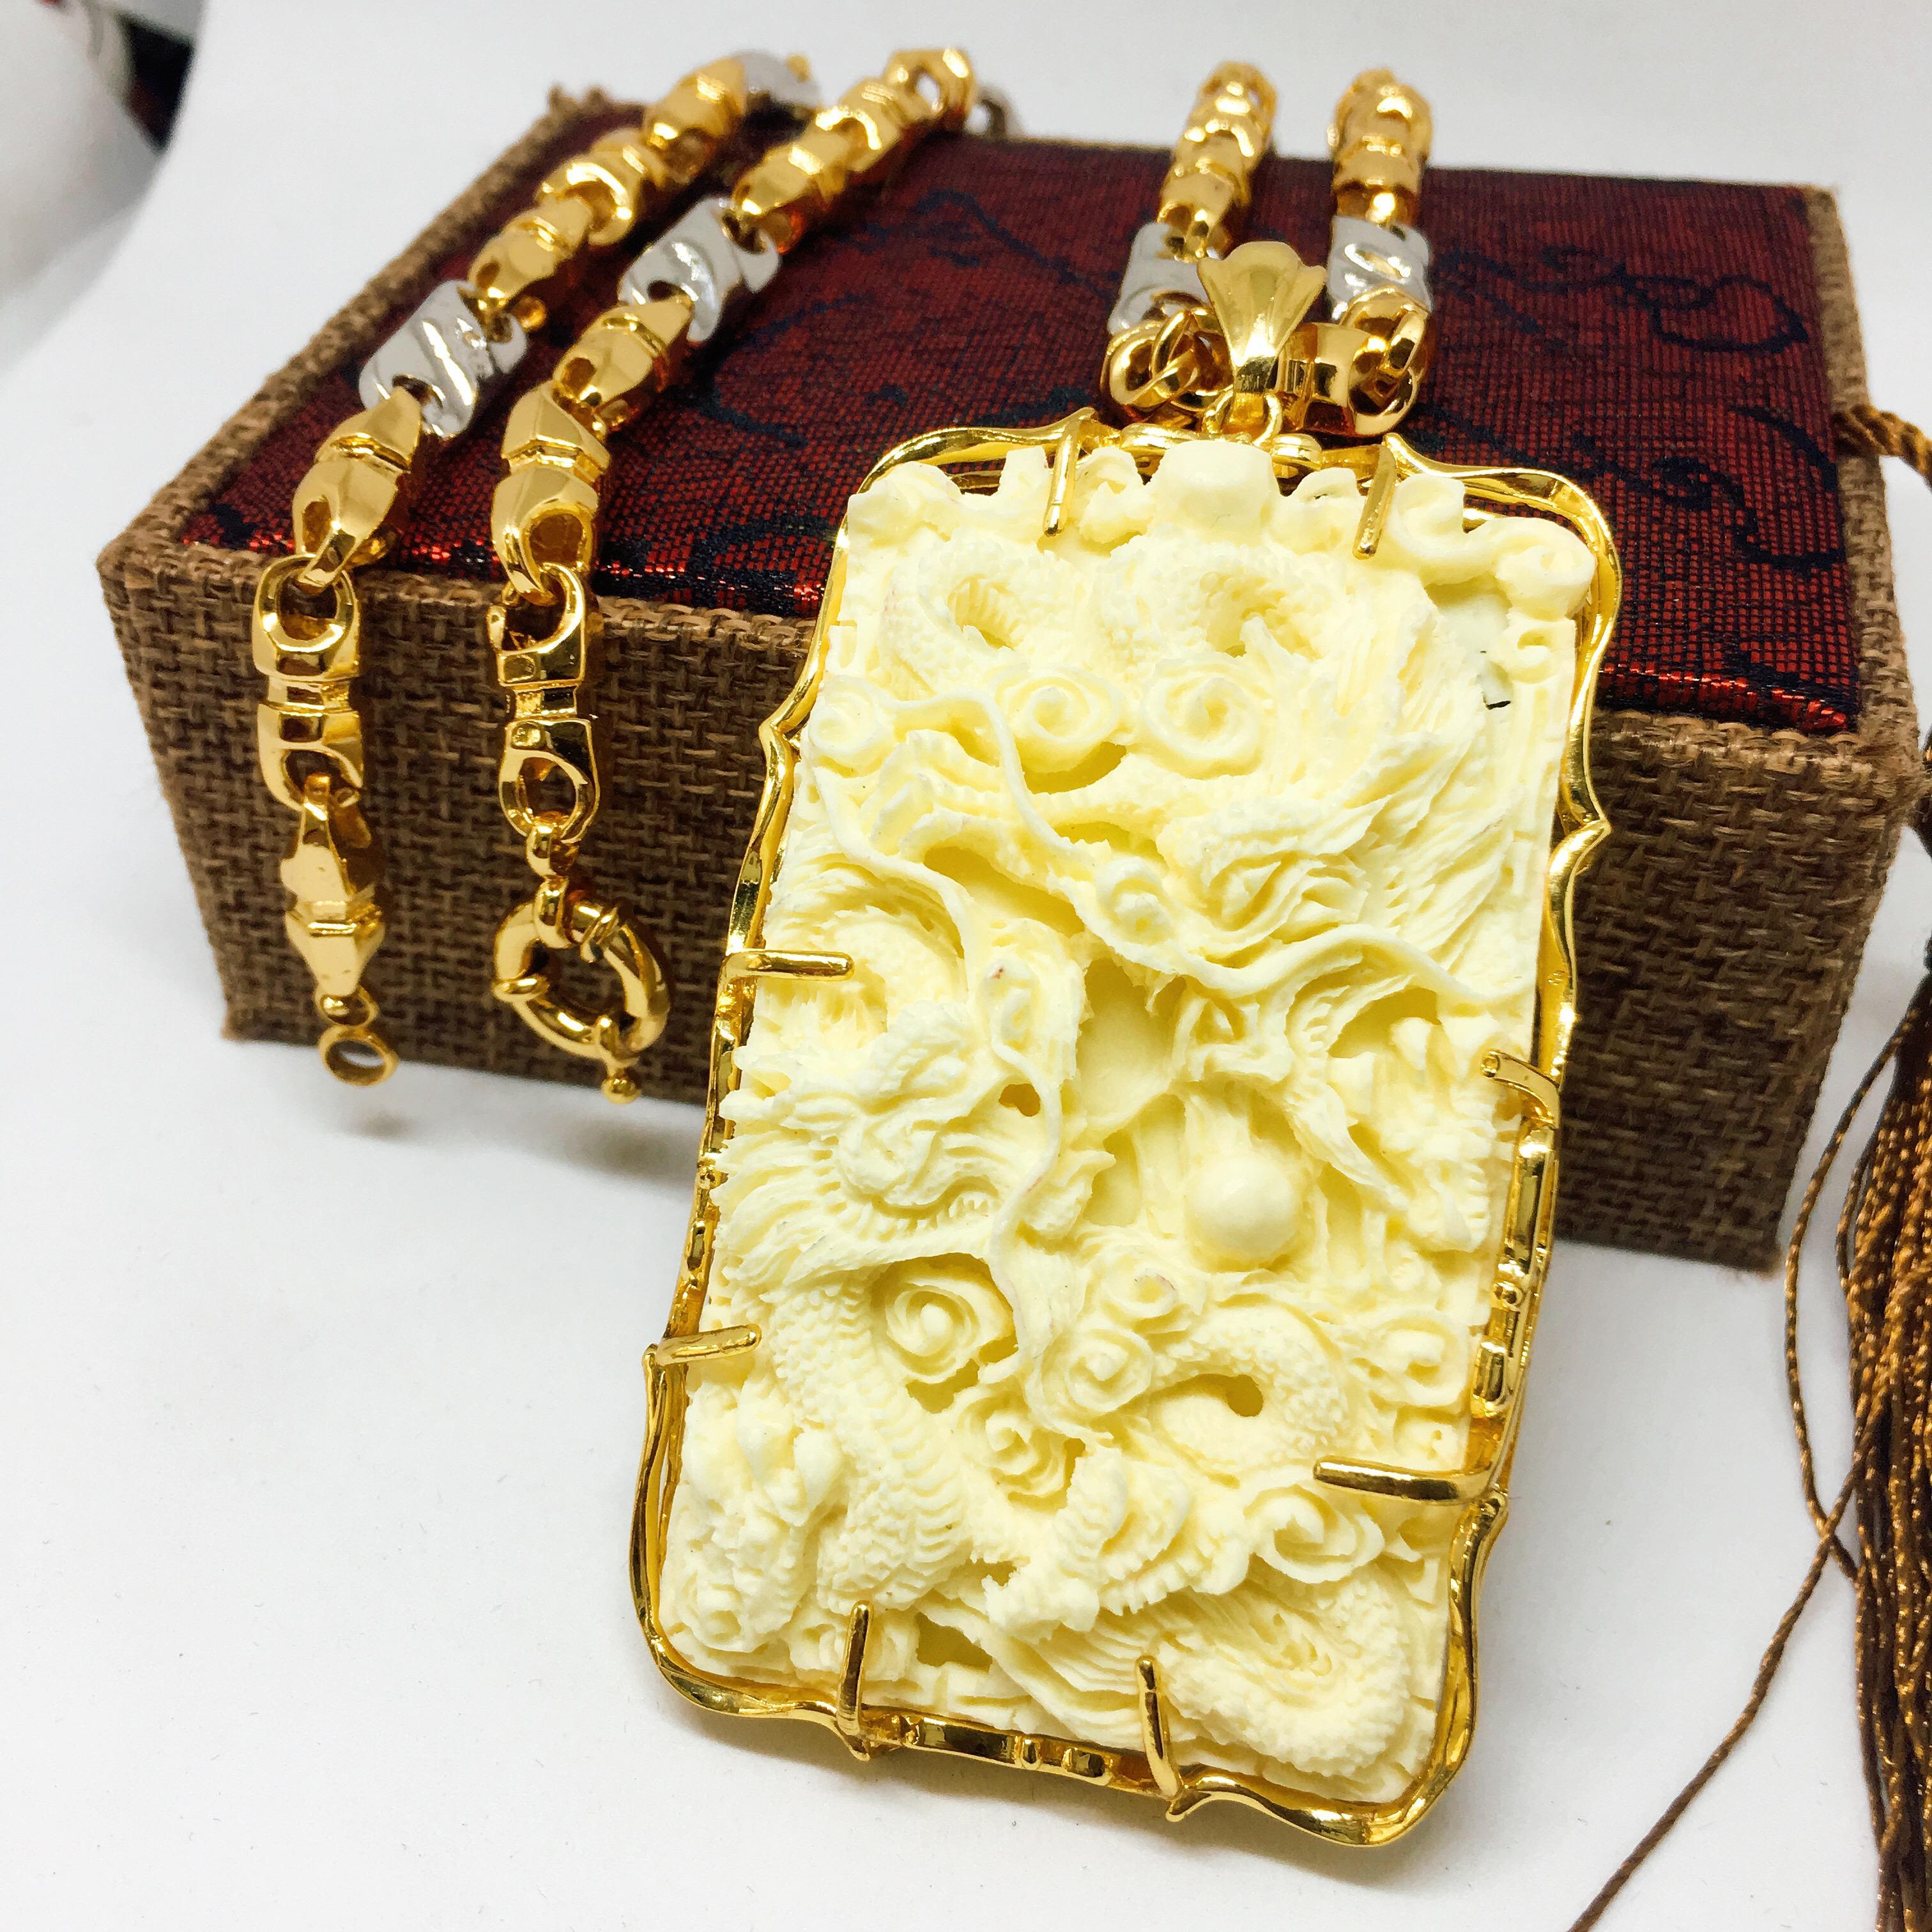 Dây Chuyền Nam Vip Bạc Thái Mạ Vàng, Vòng Cổ Nam Phong Cách | Jewelry Bảo Tín LNMS06 (dây và mặt) ( Màu Vàng)